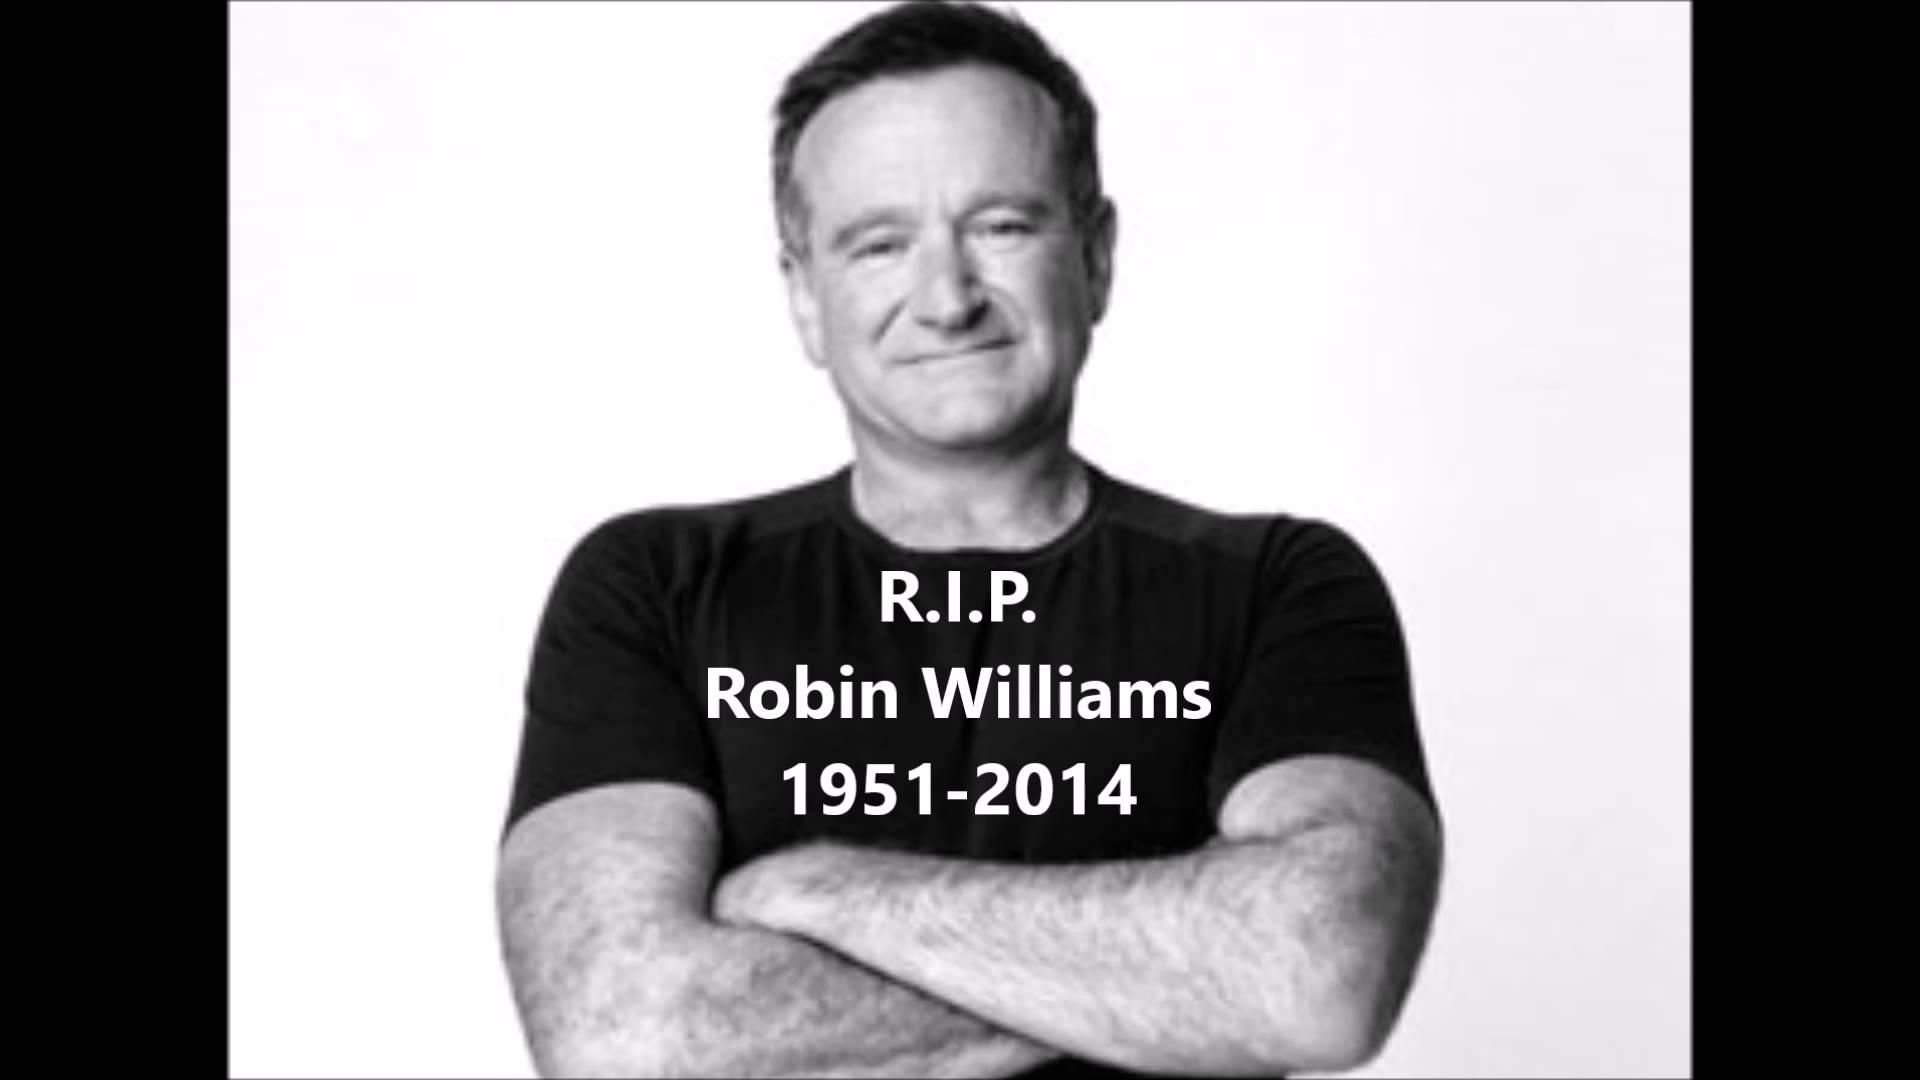 Robin Williams' suicide